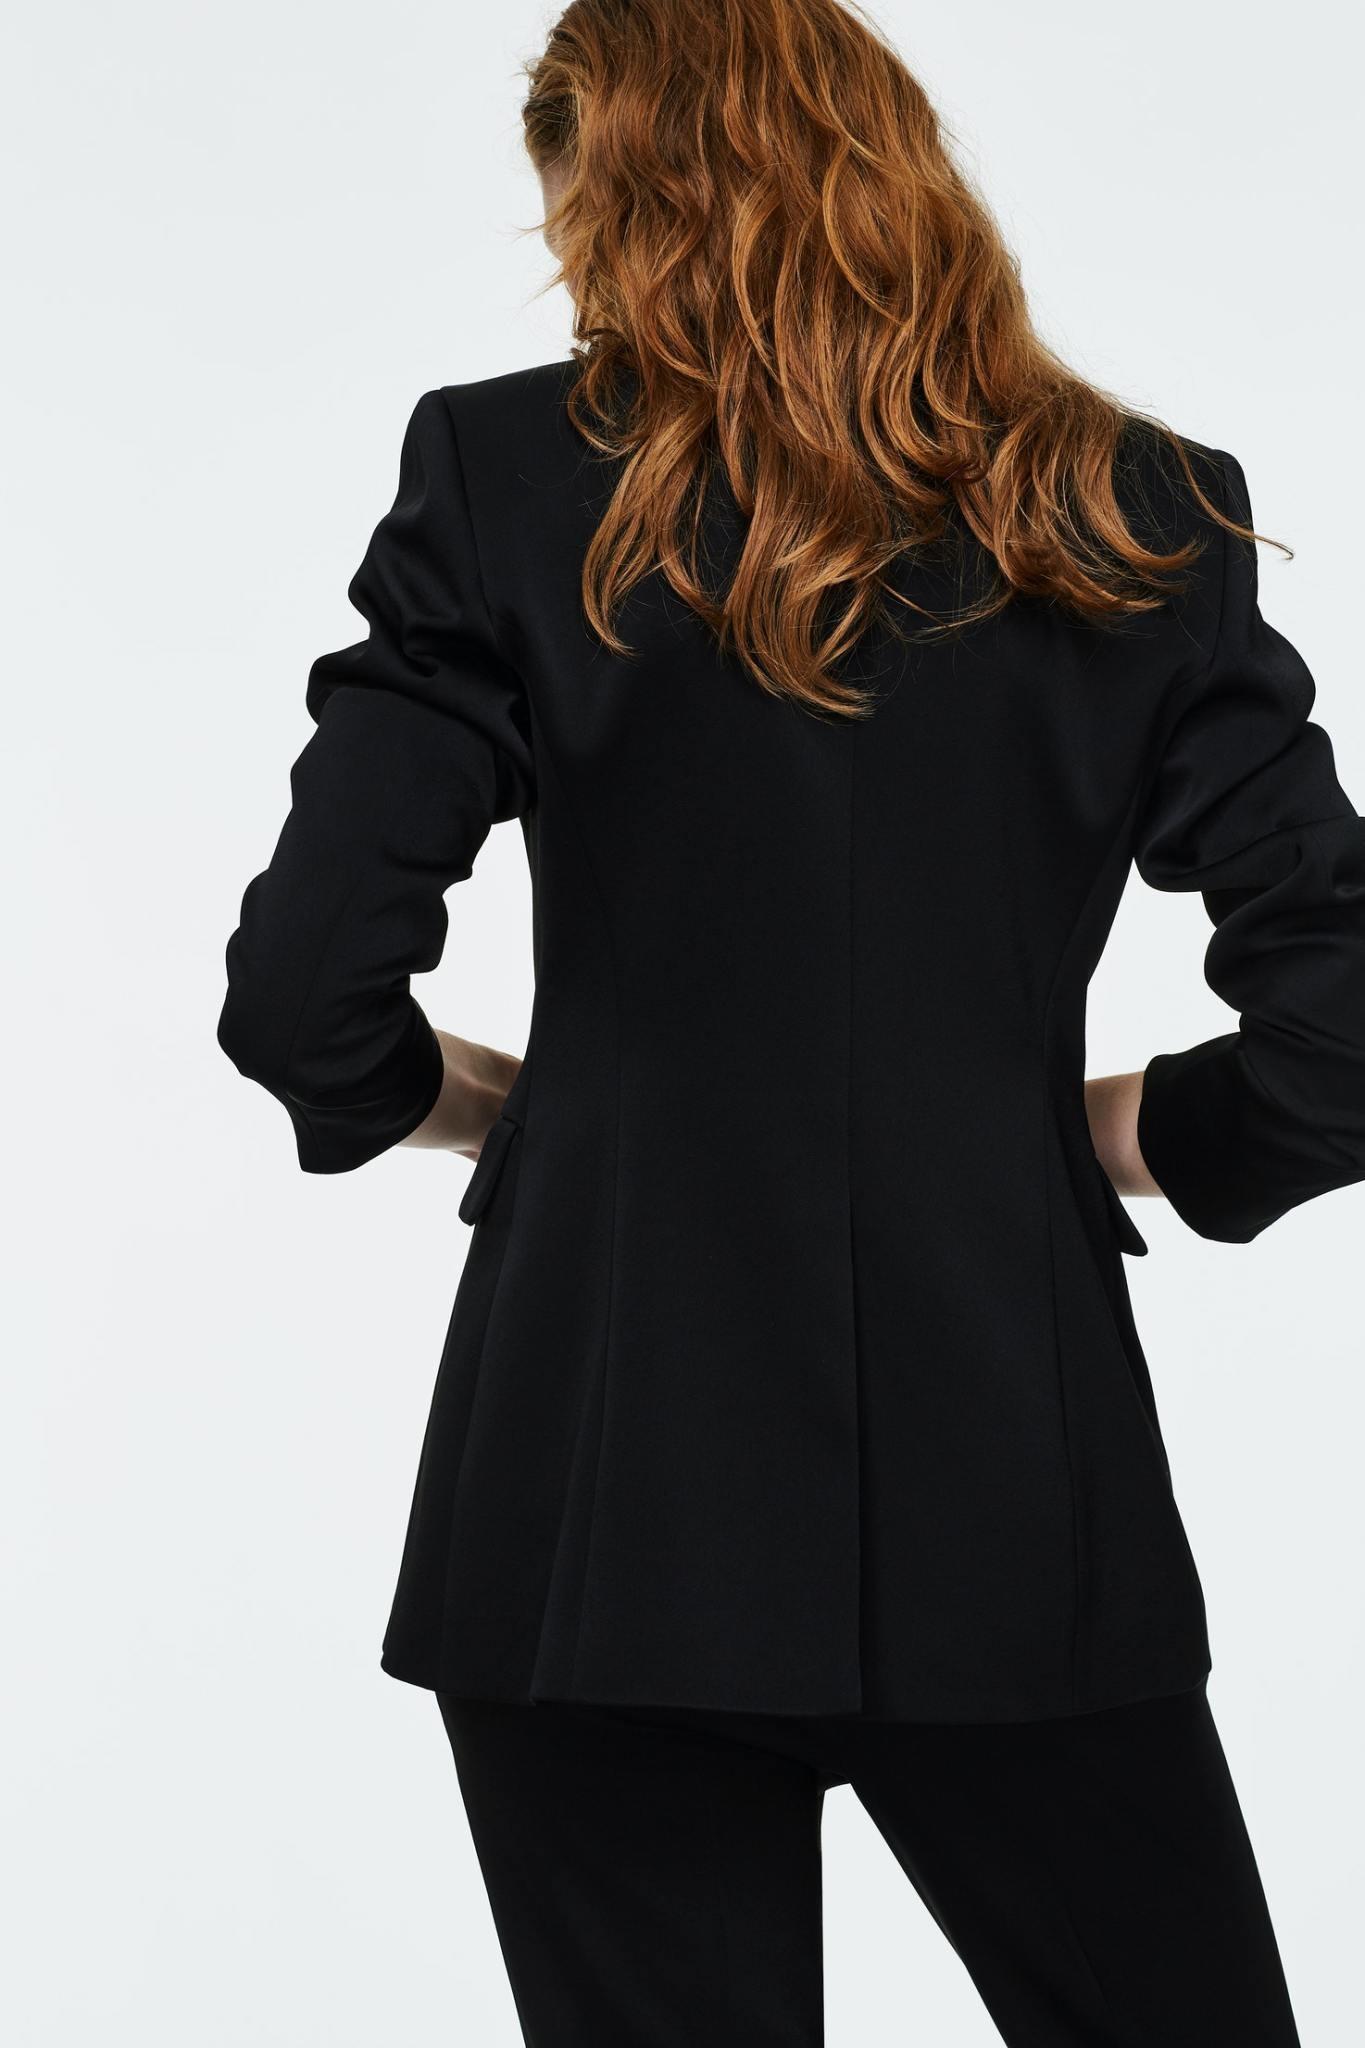 Classy statement jacket dorothee schumacher-6